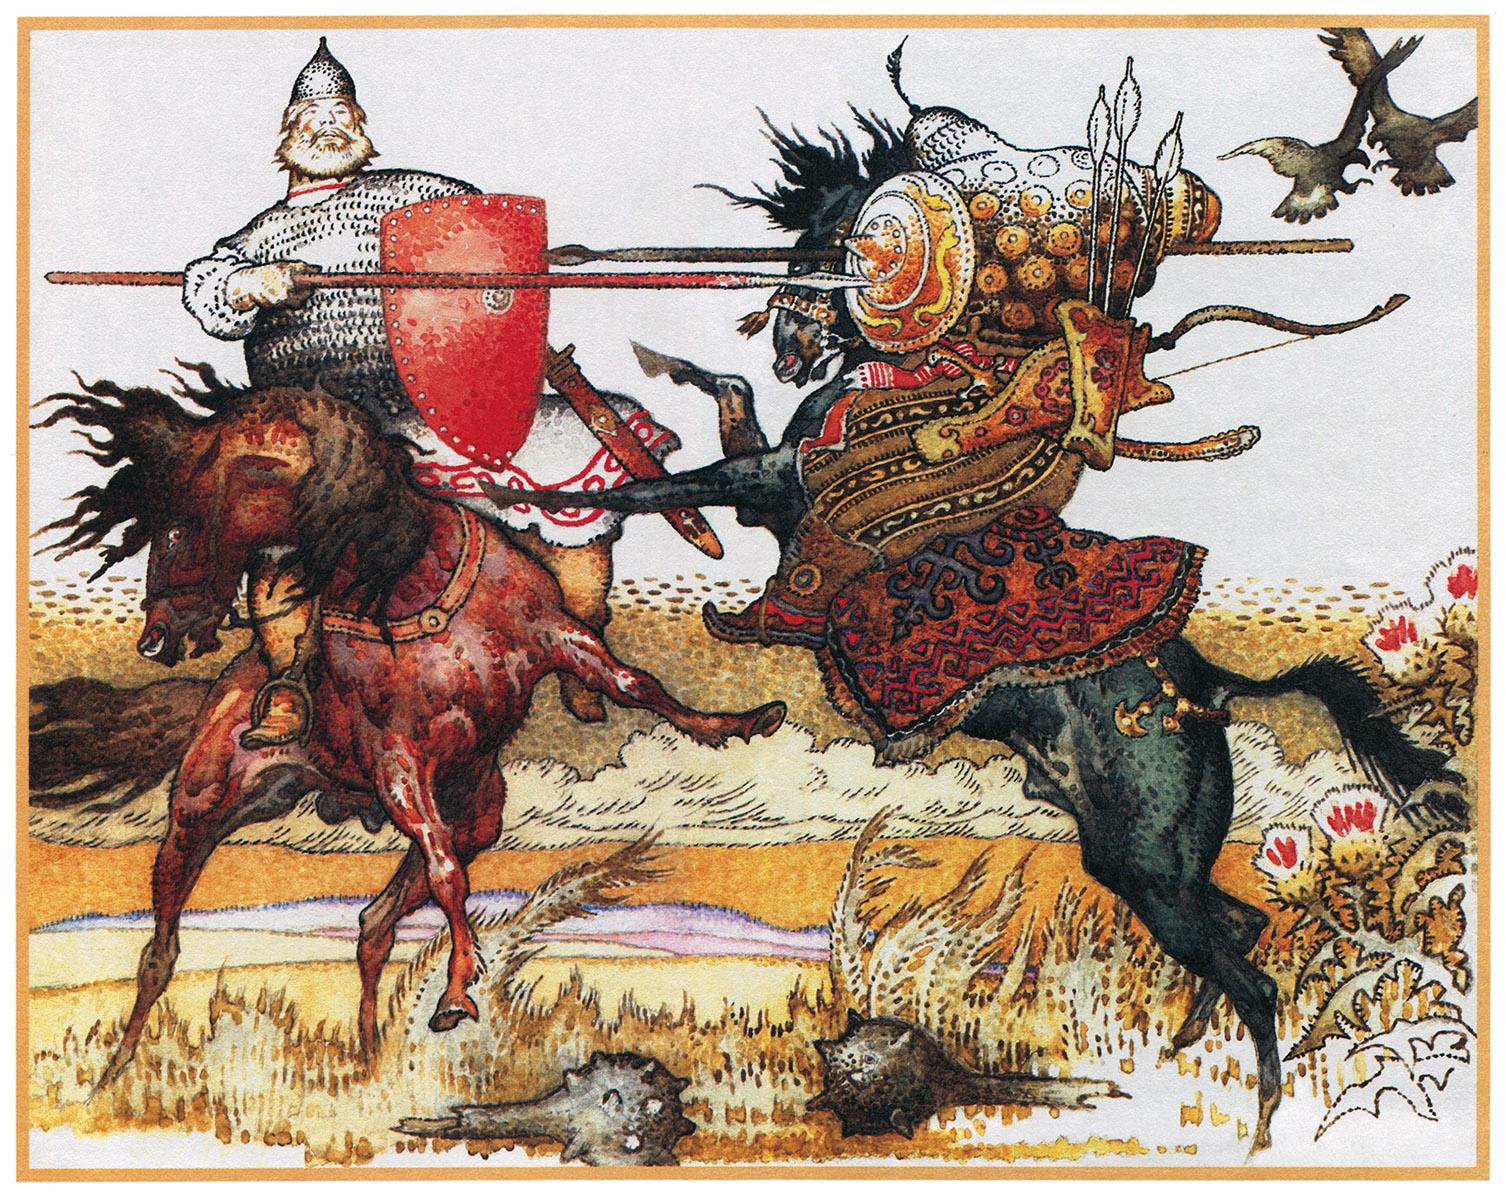 Иллюстратор Игорь Годин - фото 0, главная Разное Фото , конный журнал EquiLIfe